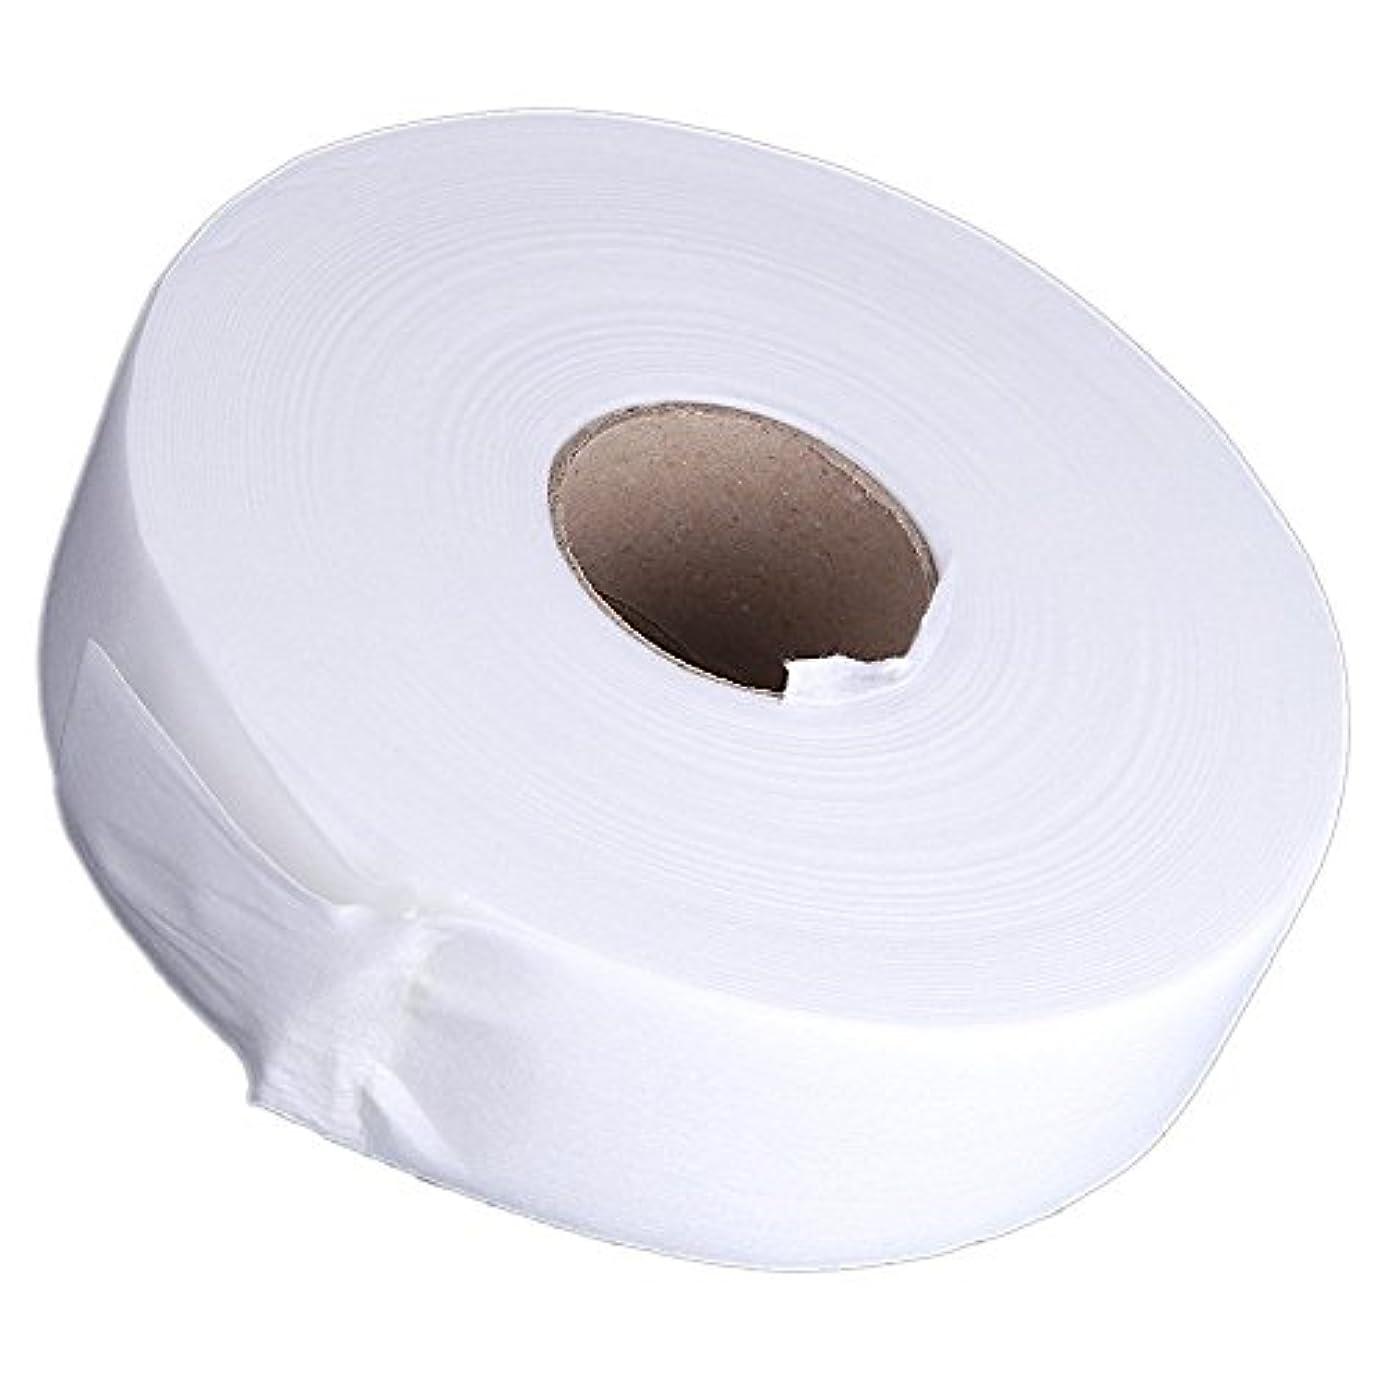 絞るシェトランド諸島蒸留するGaoominy 100ヤードの脱毛紙脱毛ワックスストリップ 不織布ペーパーワックスロール(白)